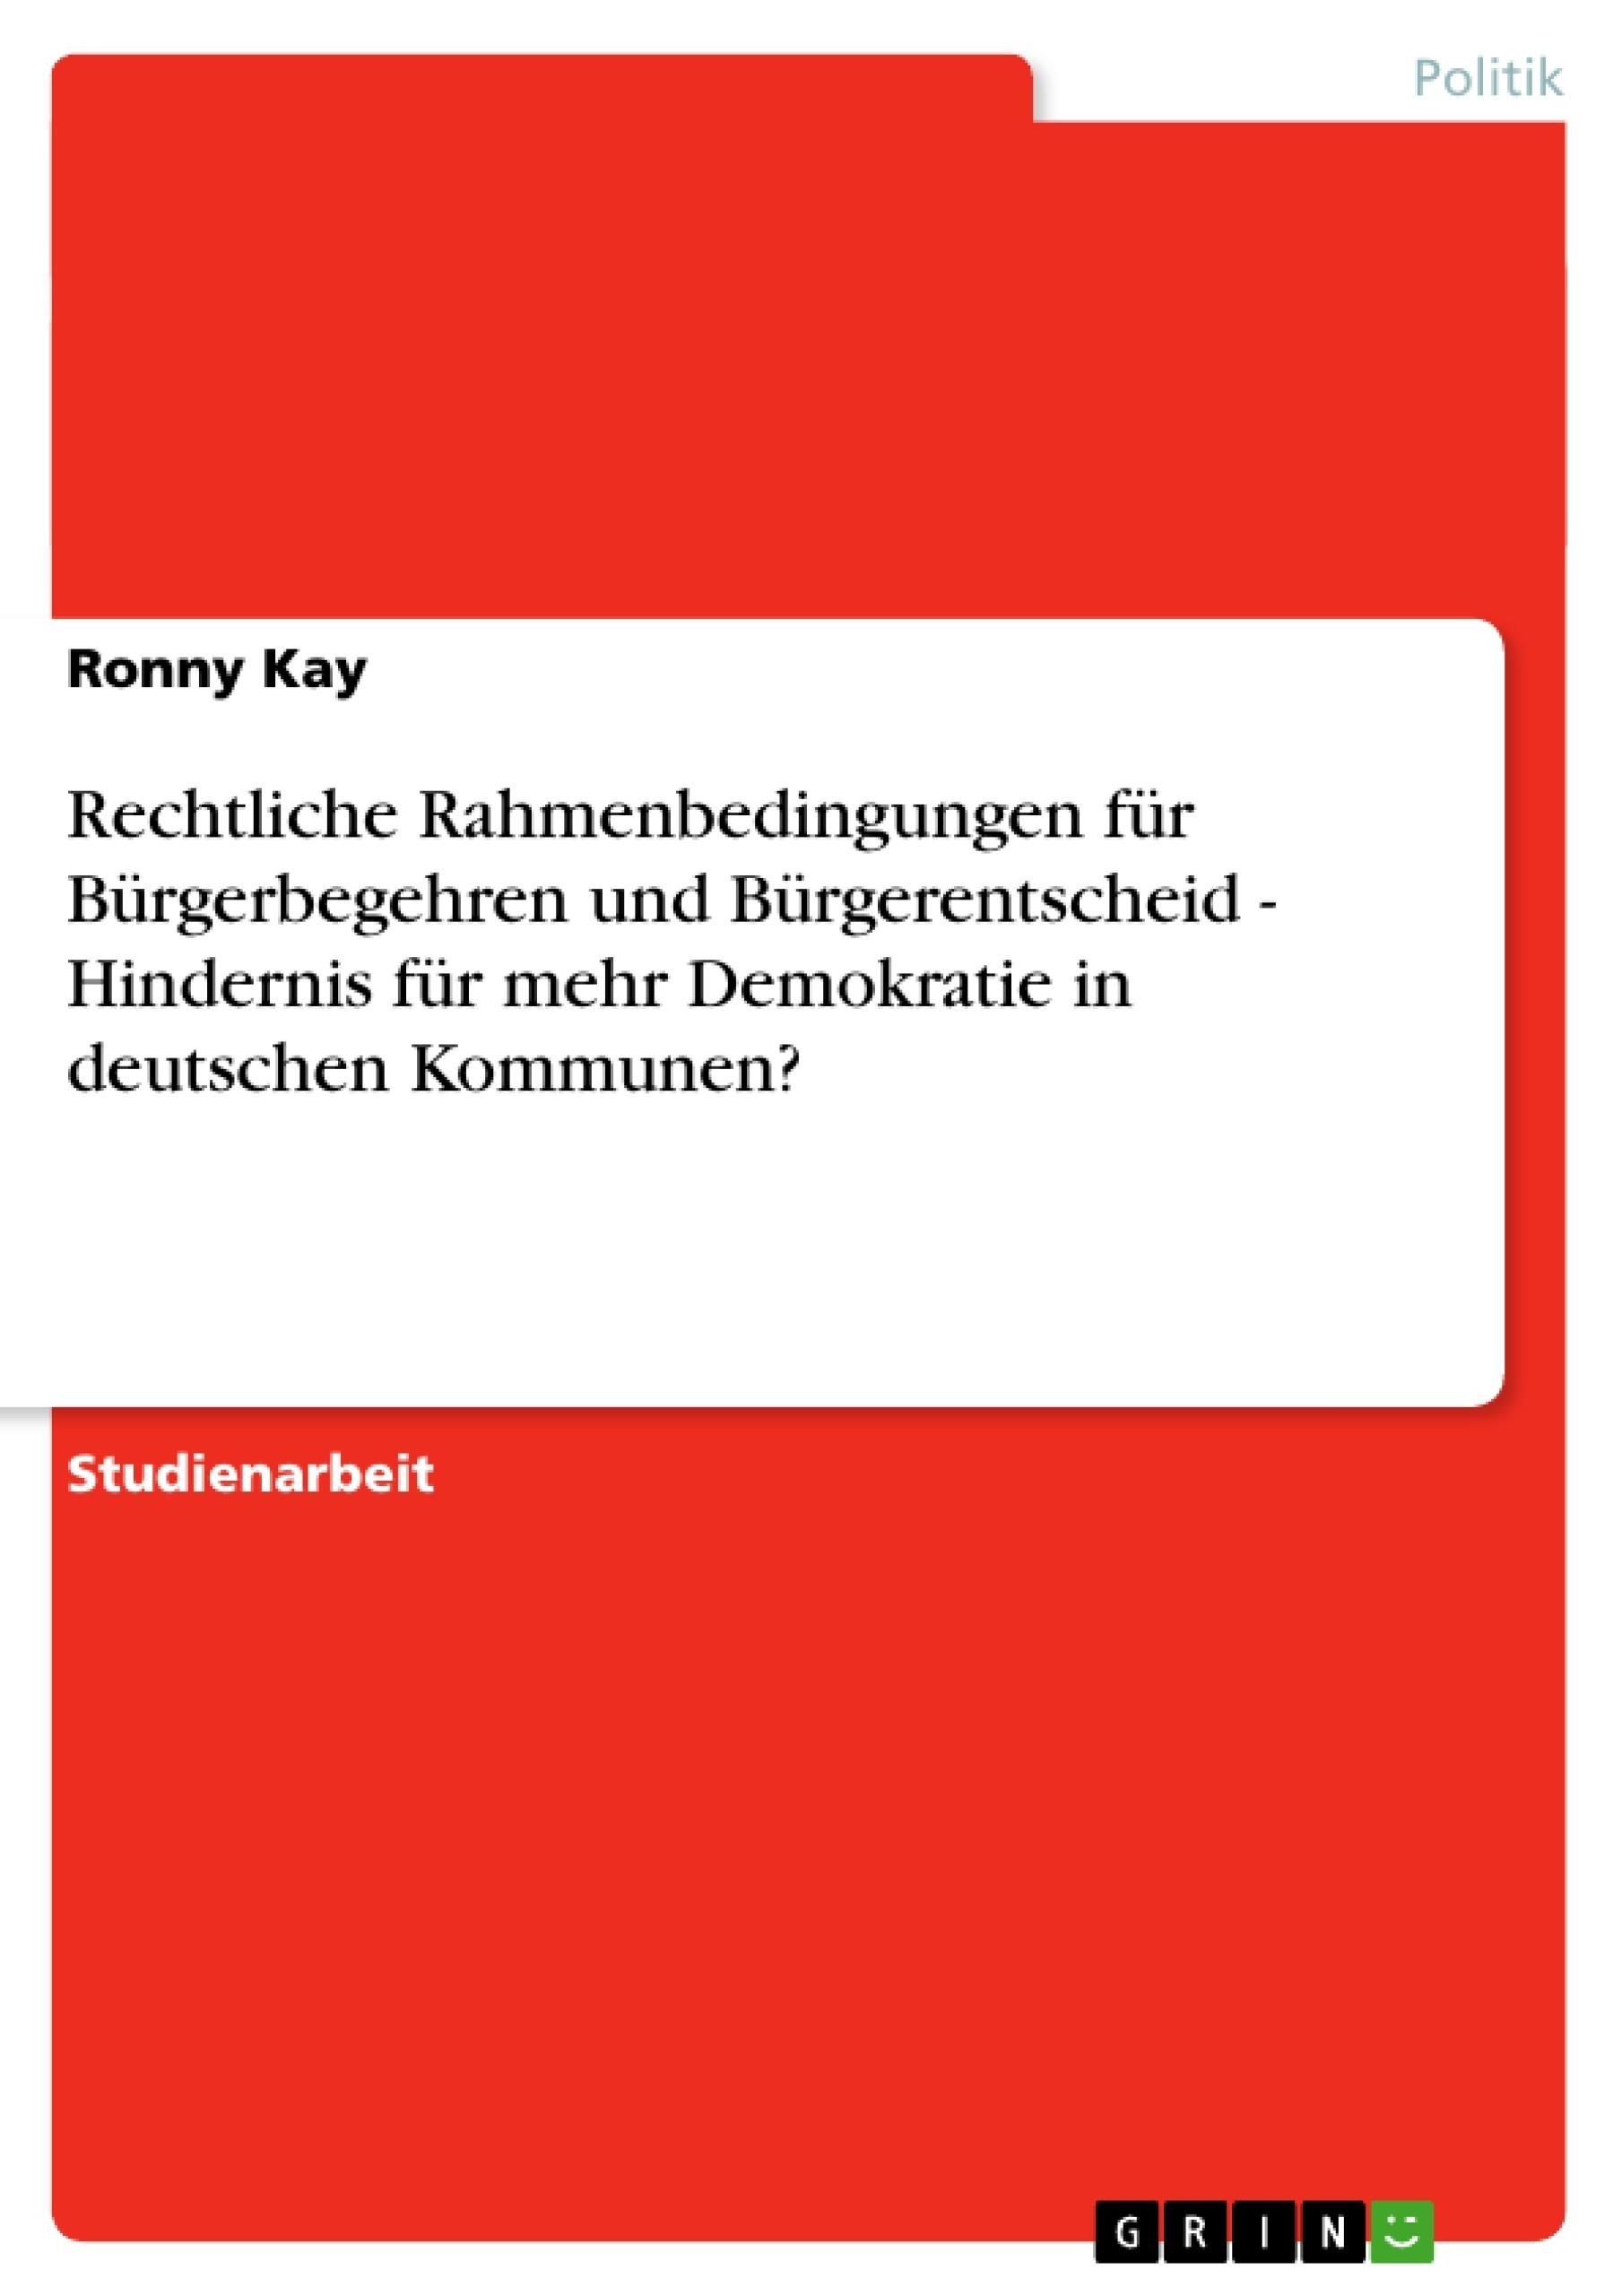 Titel: Rechtliche Rahmenbedingungen für Bürgerbegehren und Bürgerentscheid - Hindernis für mehr Demokratie in deutschen Kommunen?